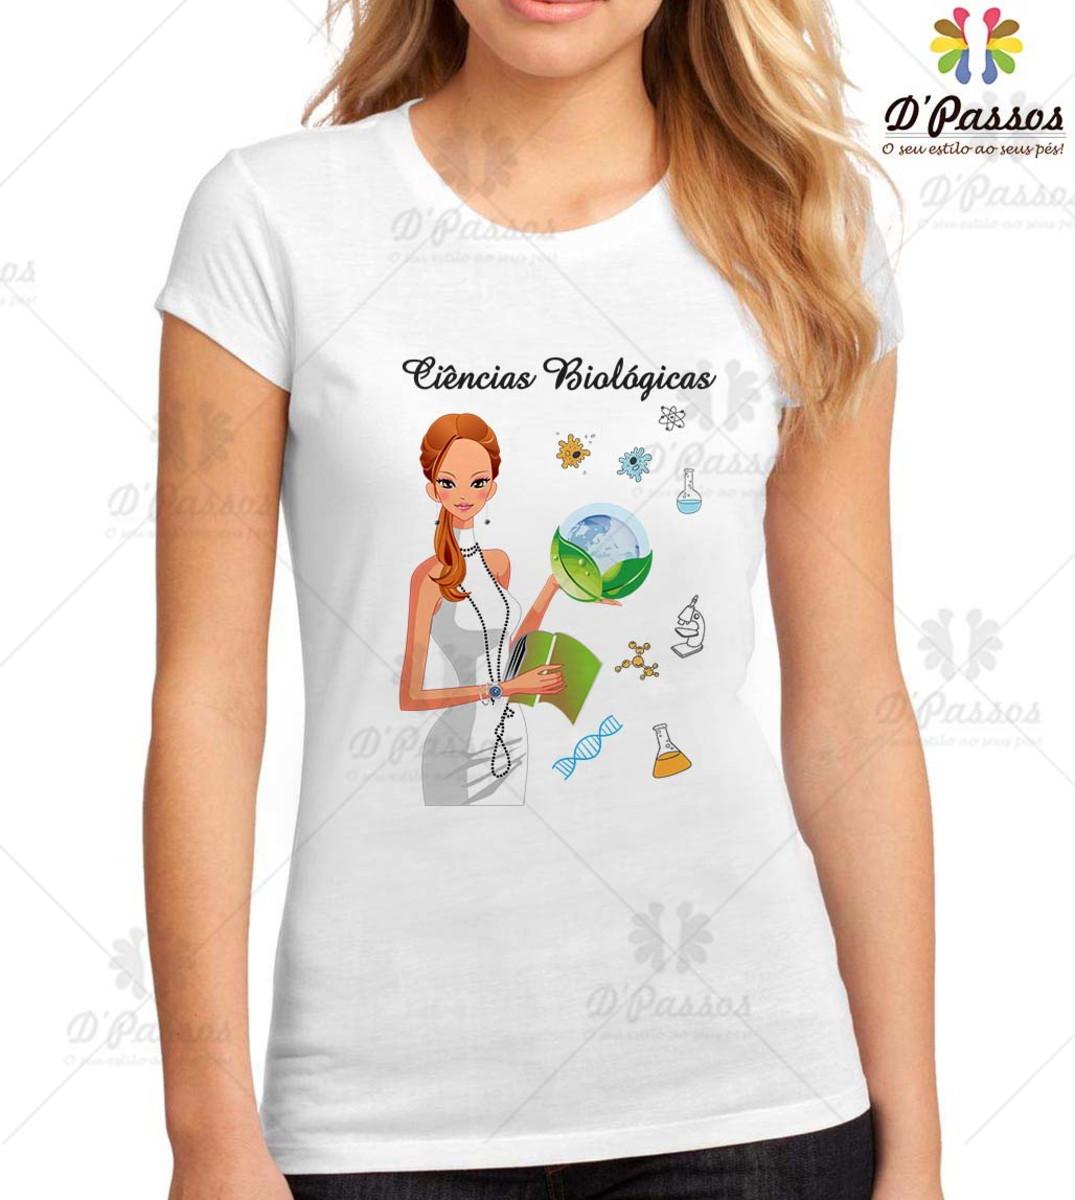 4f6f27b30 Camiseta Profissões-Ciências Biológicas 1 no Elo7